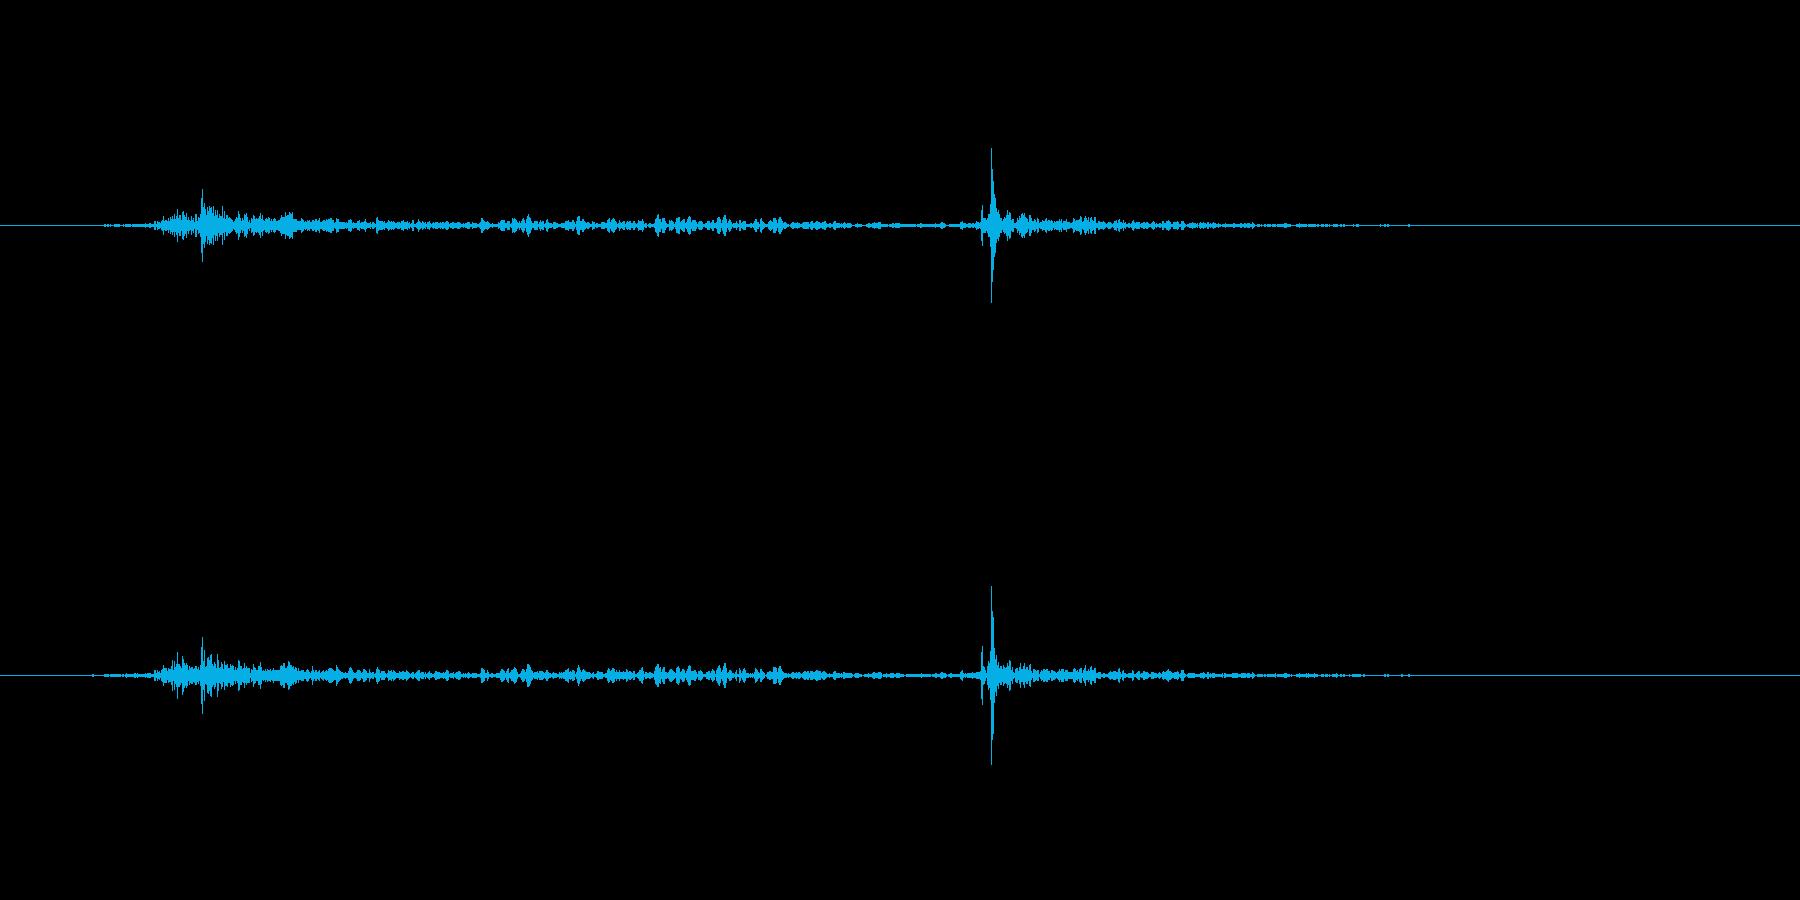 ガチャの再生済みの波形